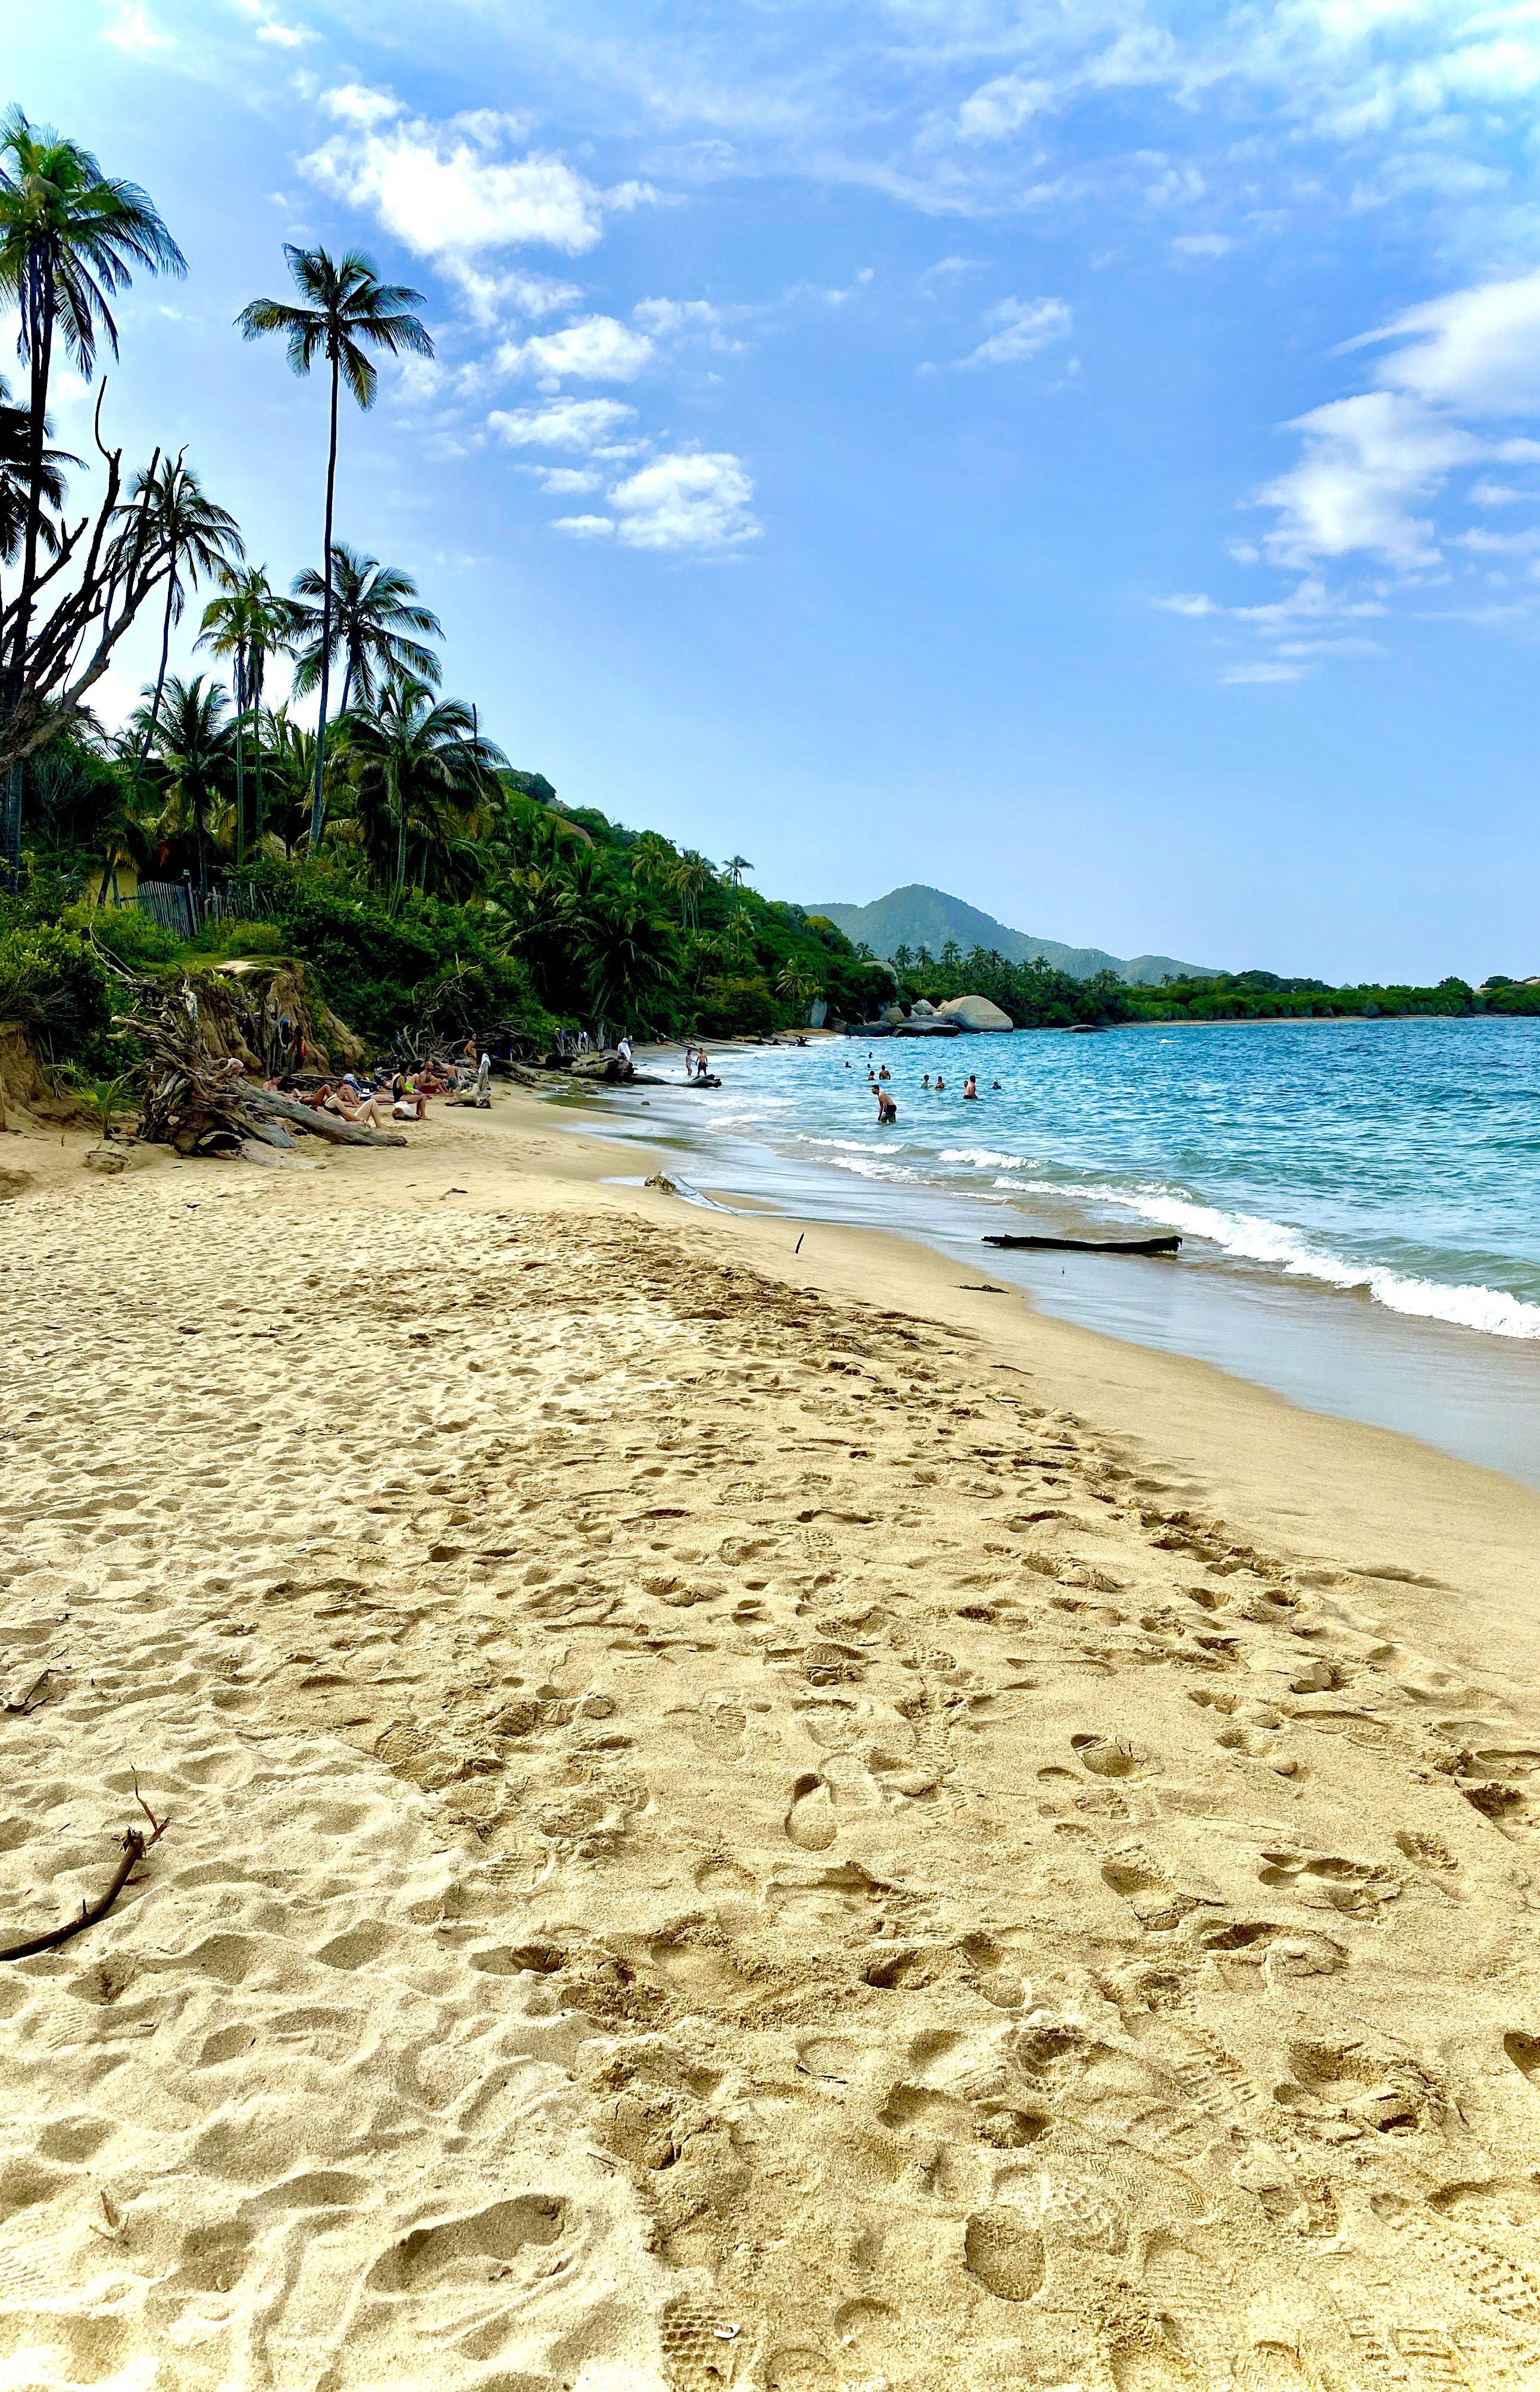 Mejores playas en colombia